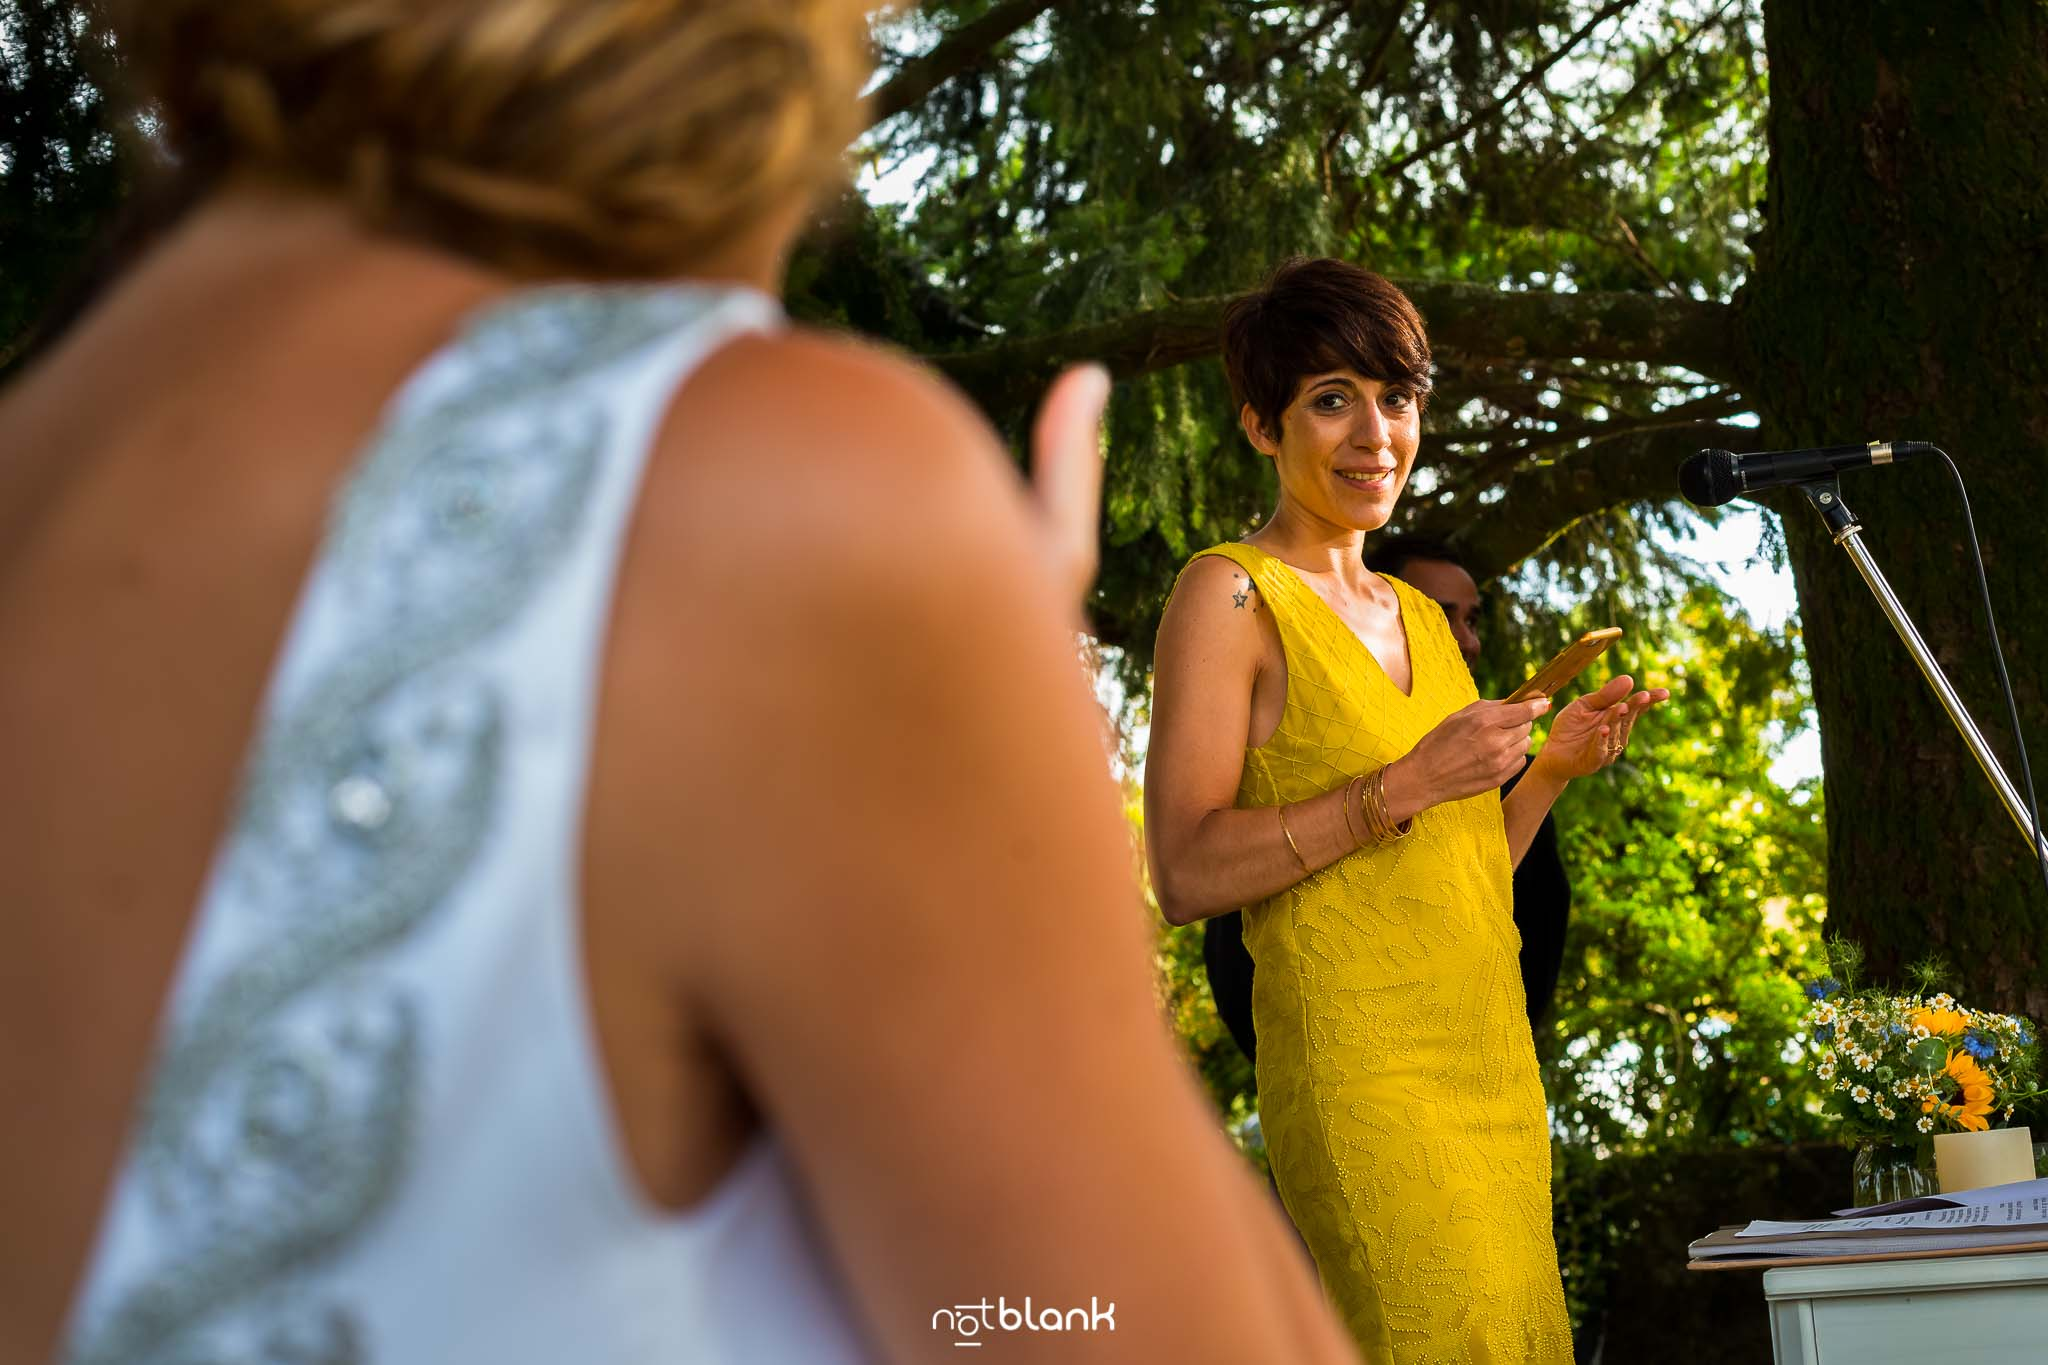 Boda En El Jardin De Casa Jana y Fran - Una amiga de la novia mira a esta durante su speech - Notblank Fotografos de boda